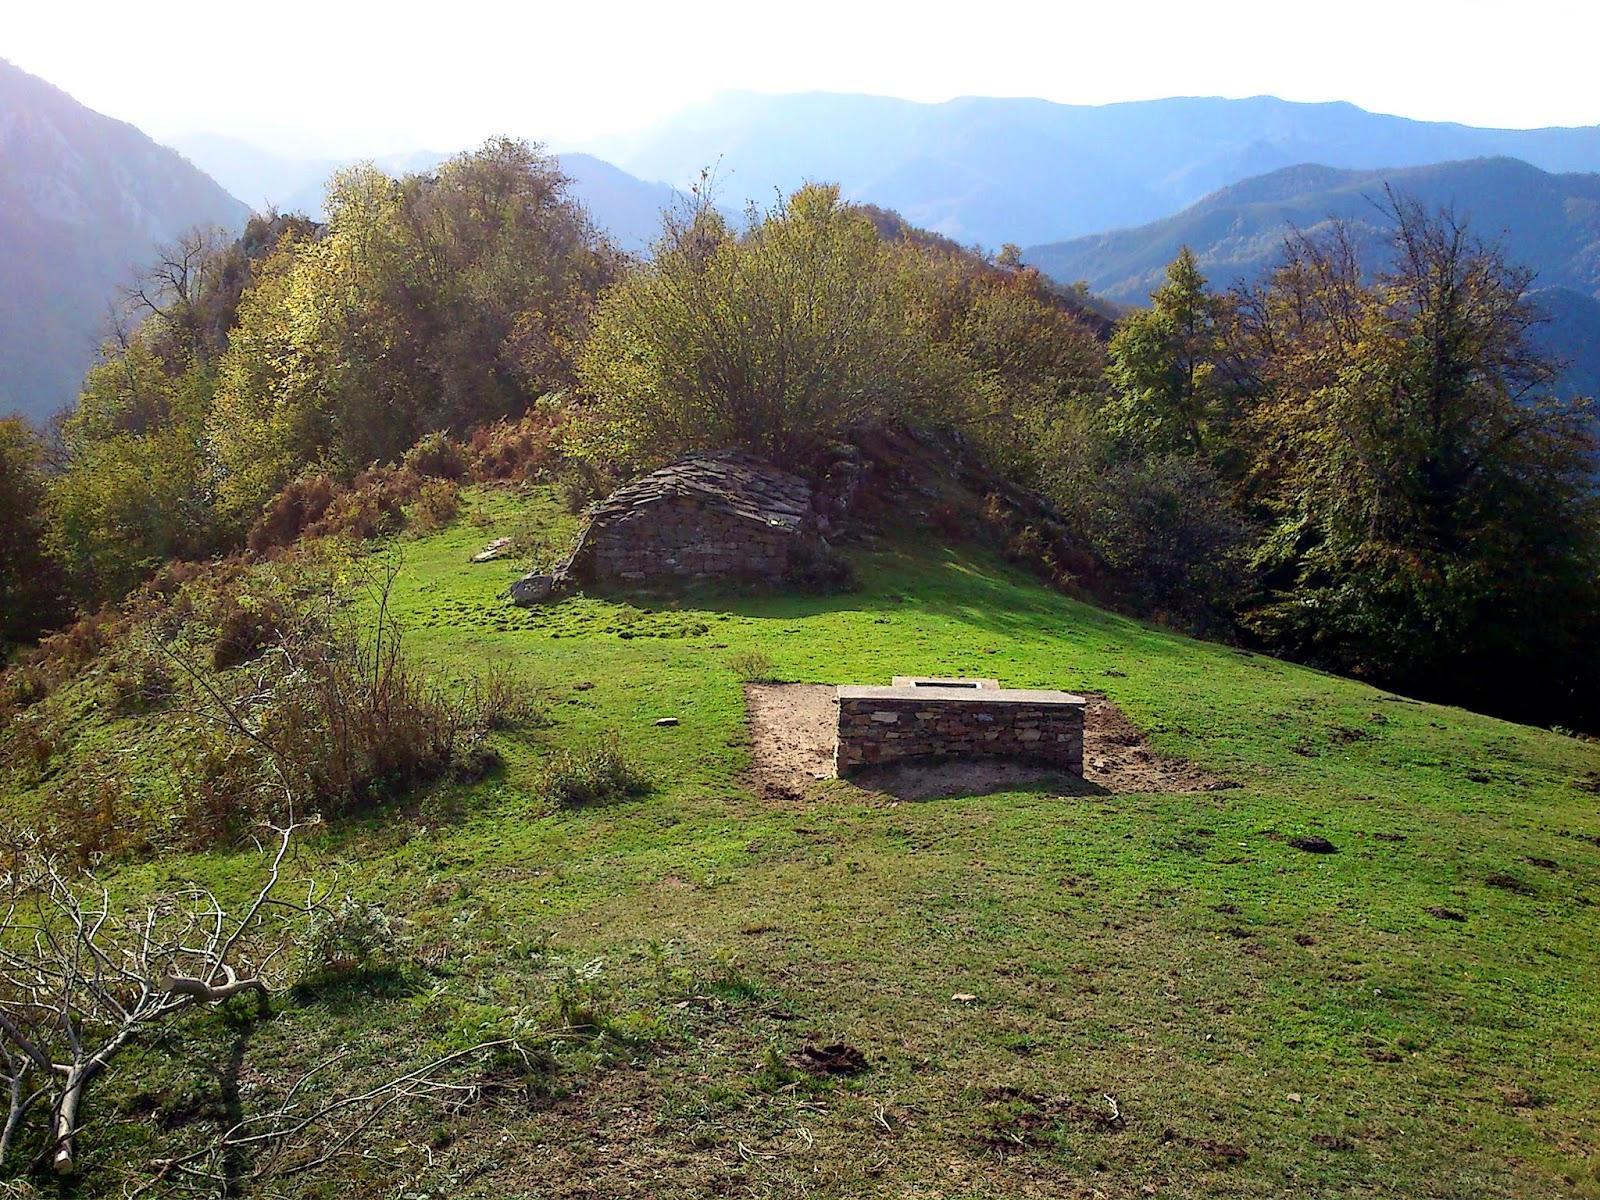 Cabaña y fuente.